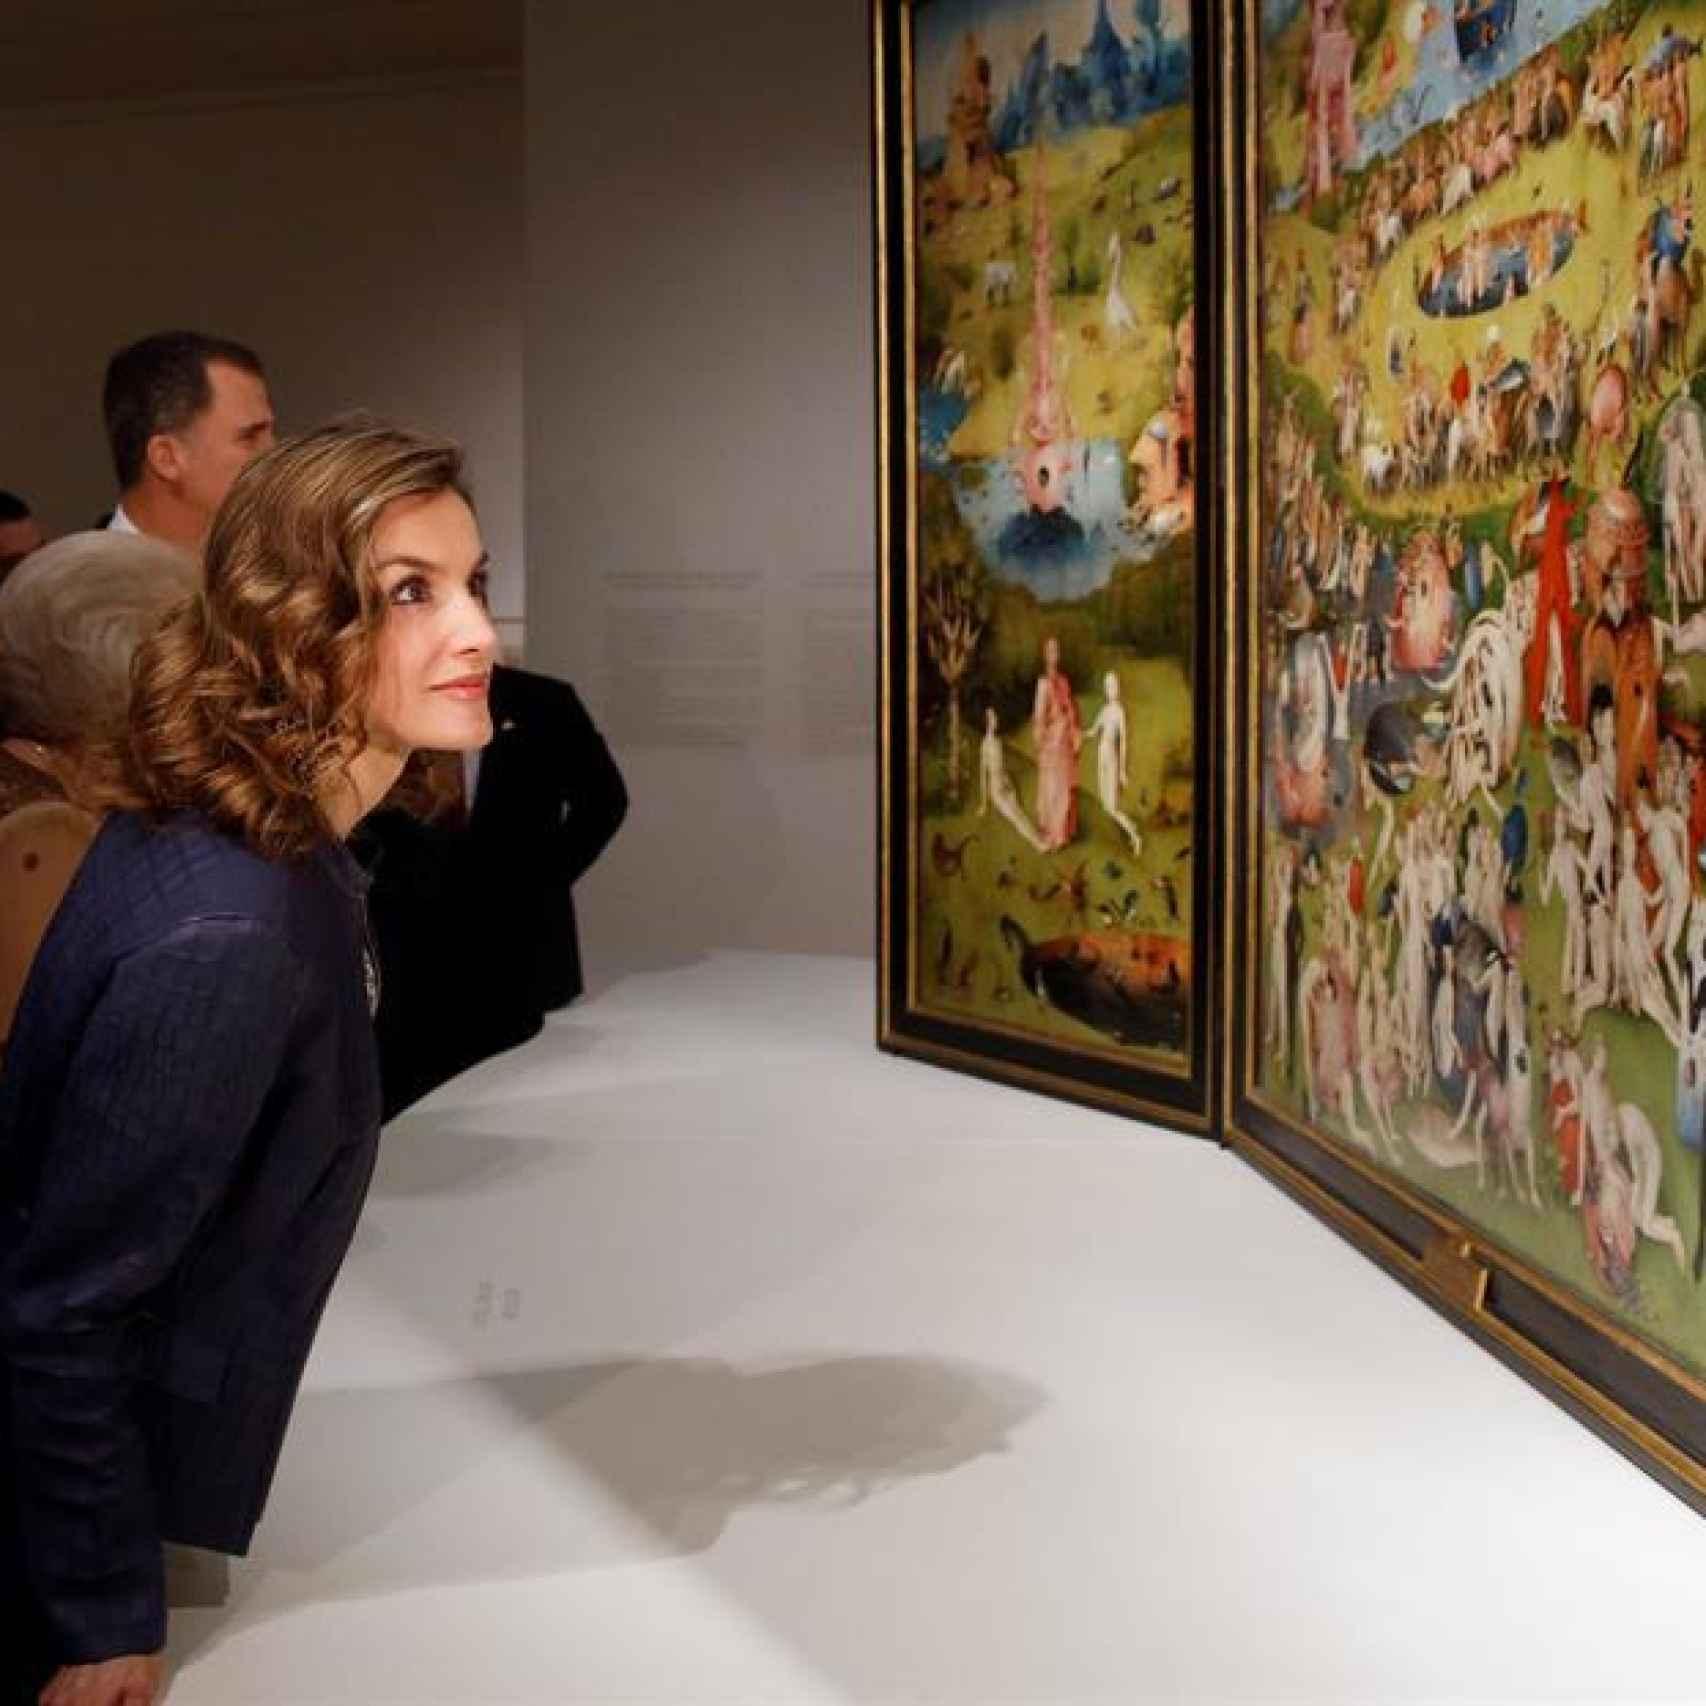 La reina observa el tríptico de El jardín de las delicias, en la exposición del Prado.